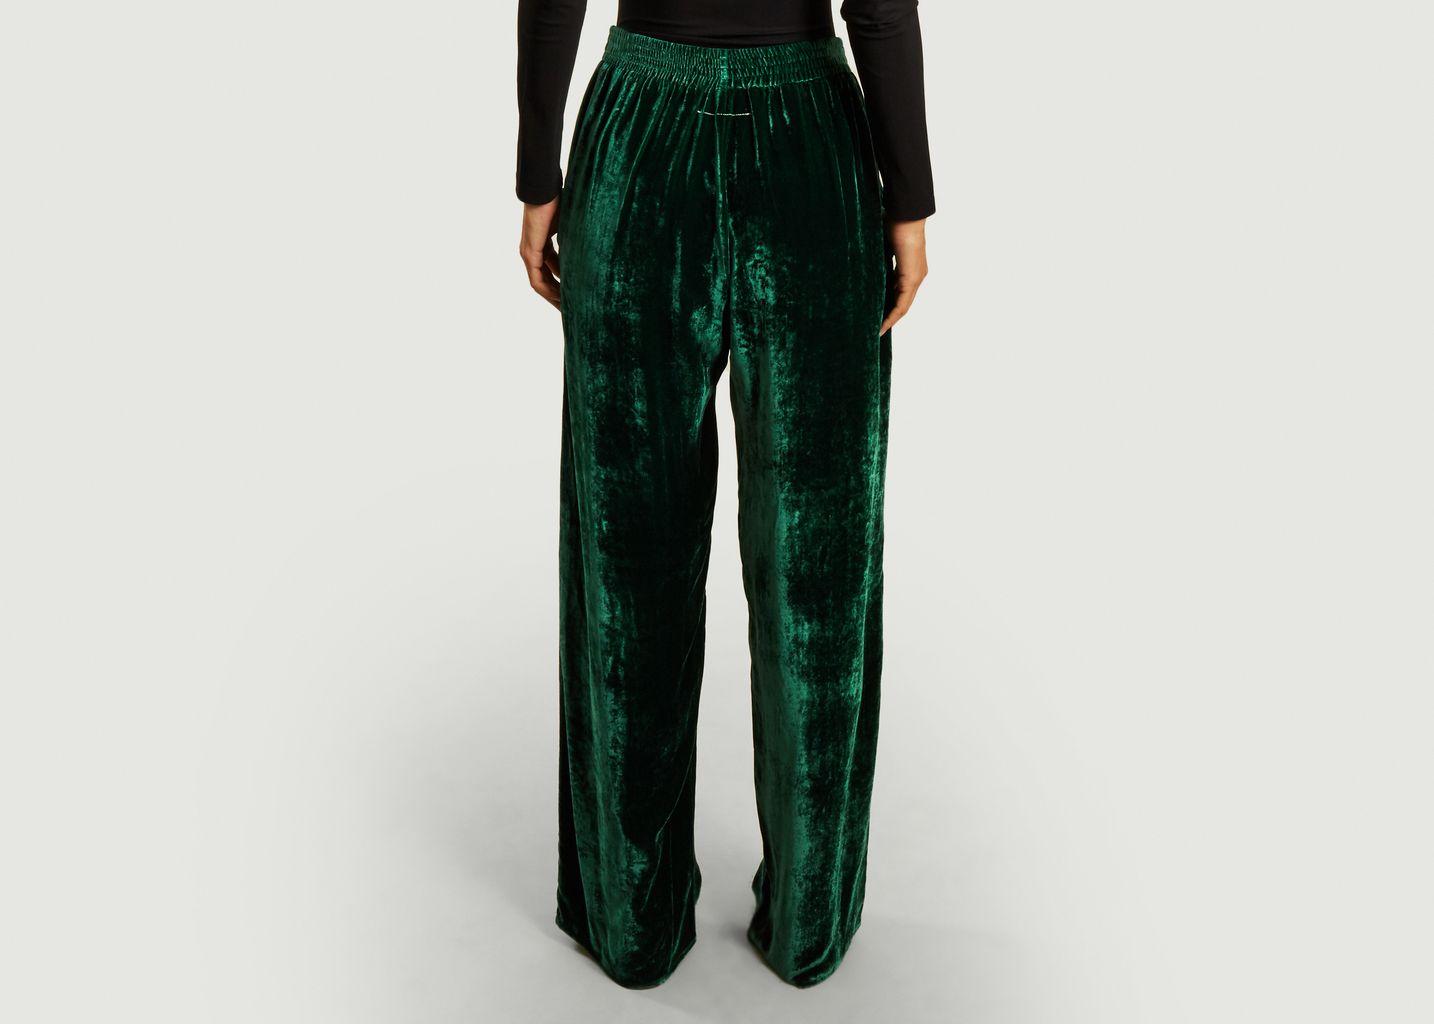 Pantalon ample taille haute en velours - MM6 Maison Margiela